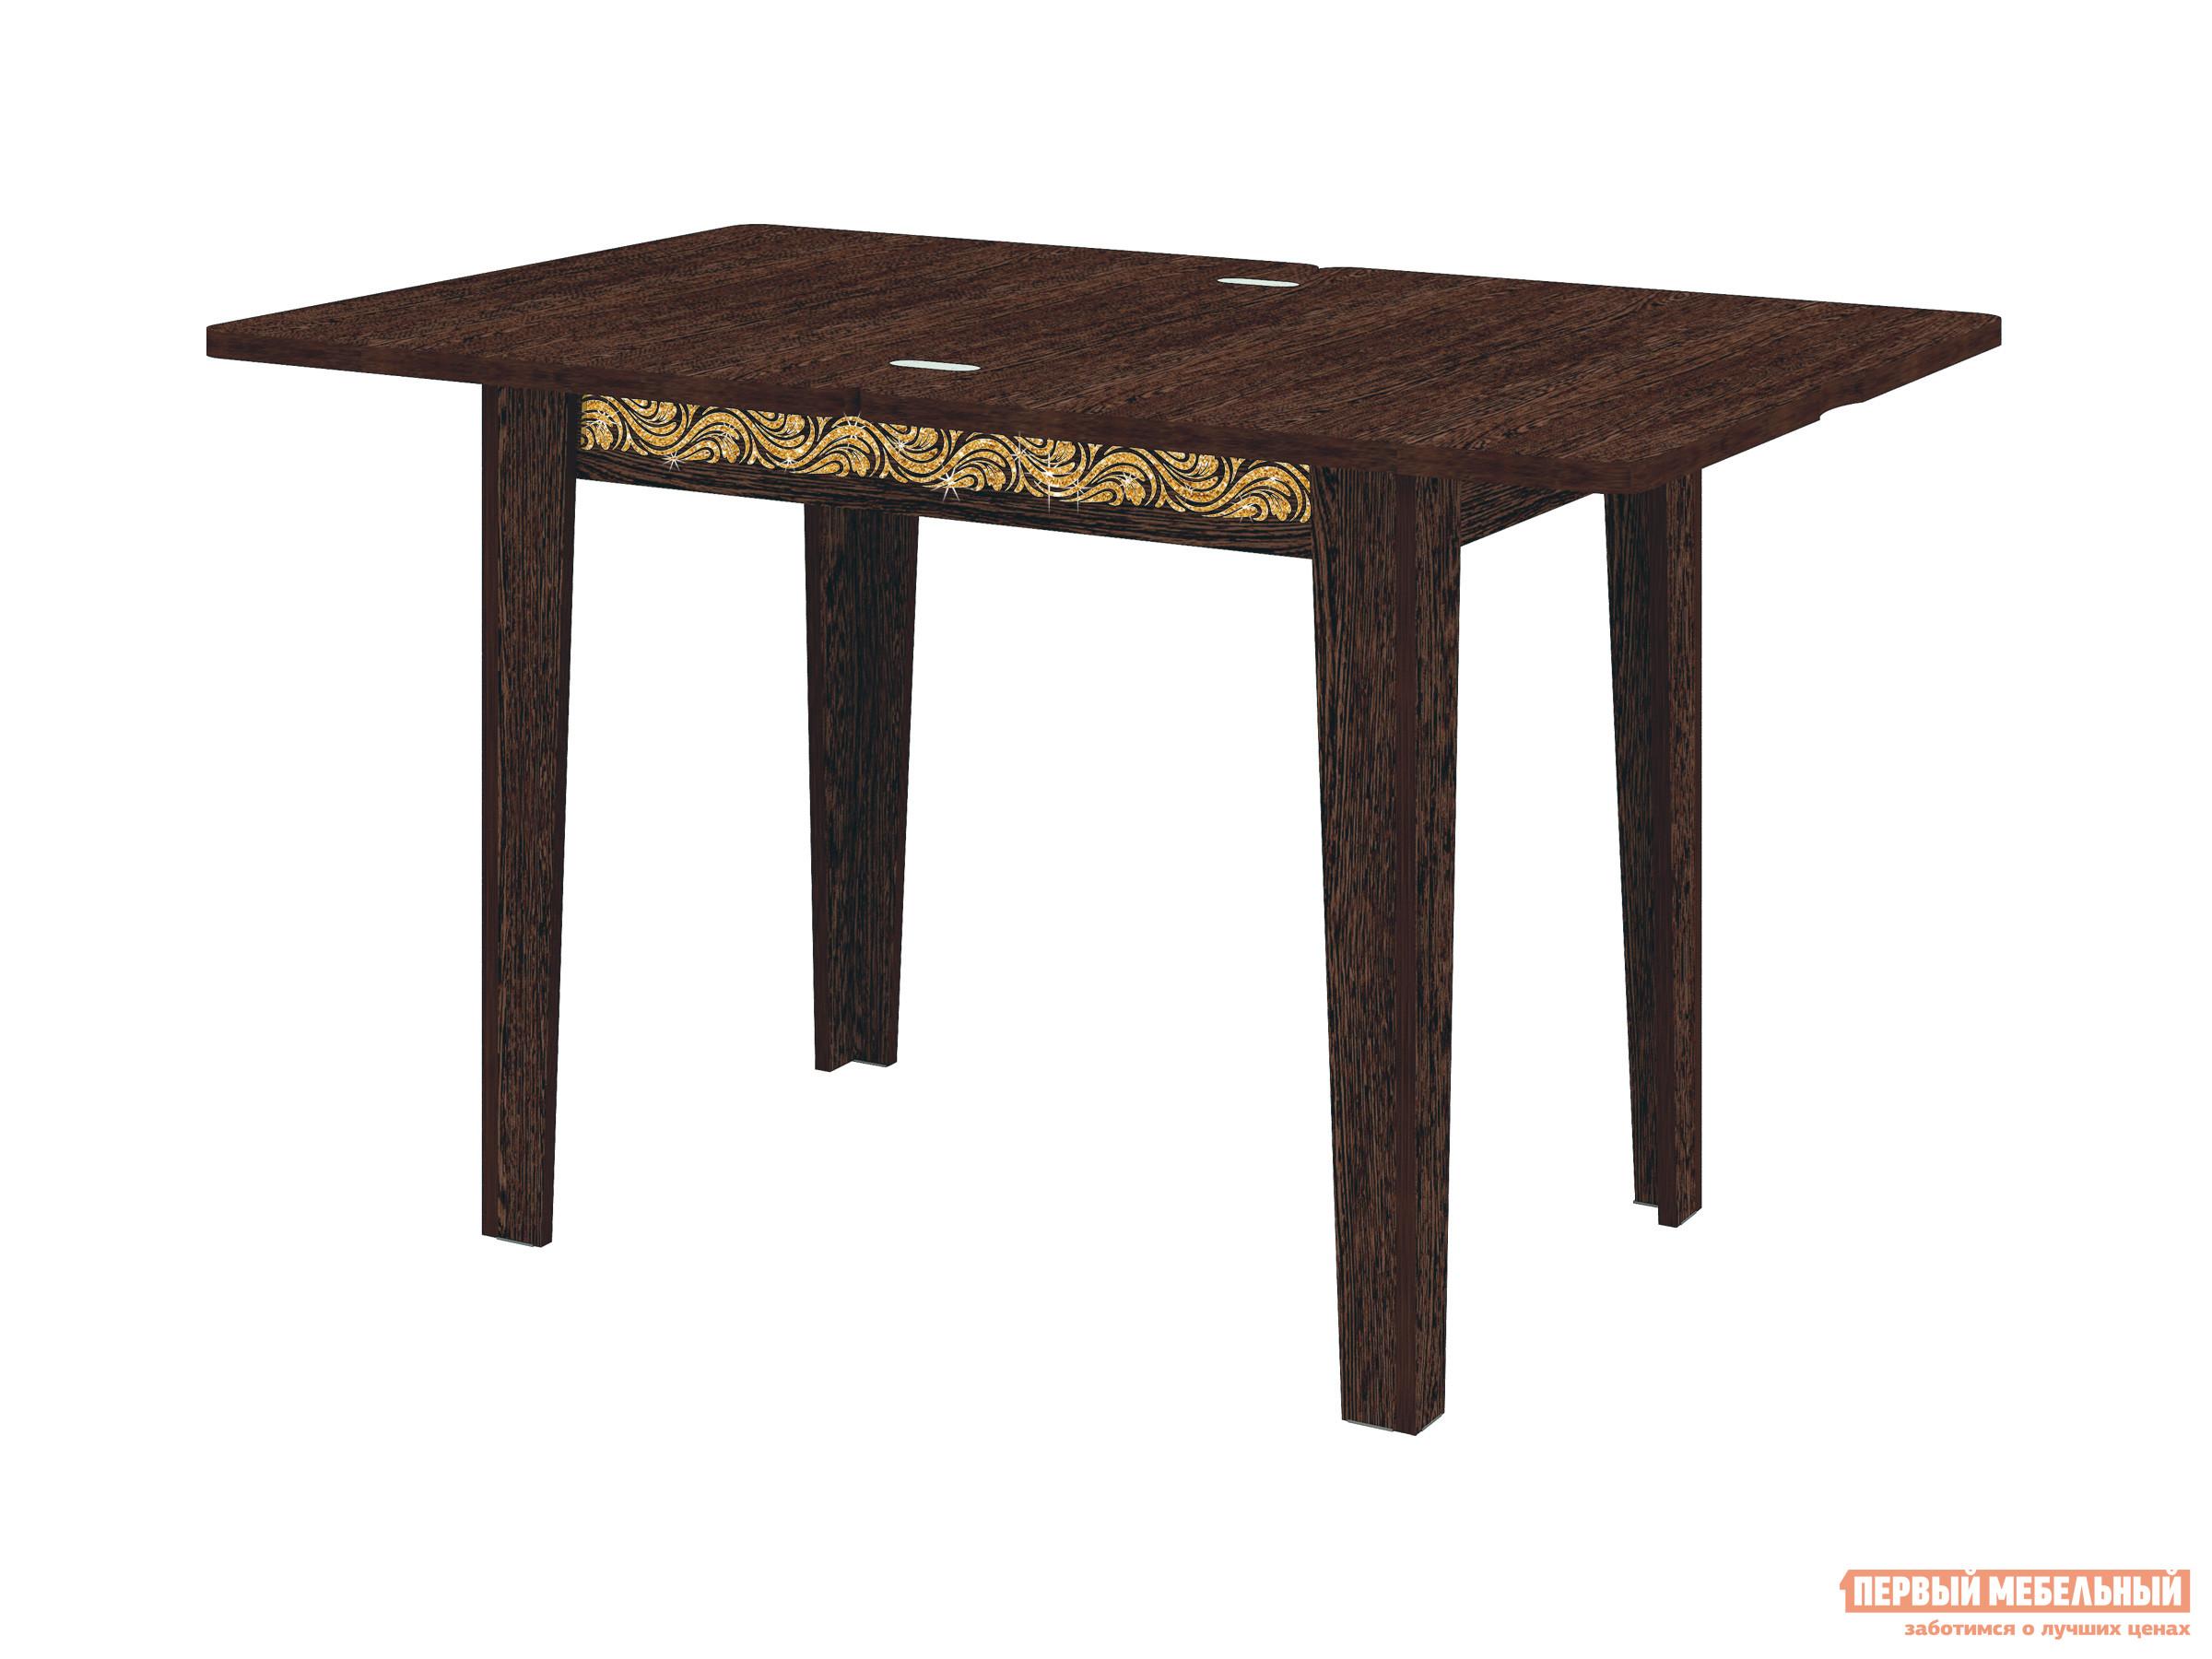 Кухонный стол Витра Орфей-26.10 Лайт обеденный стол витра орфей 21